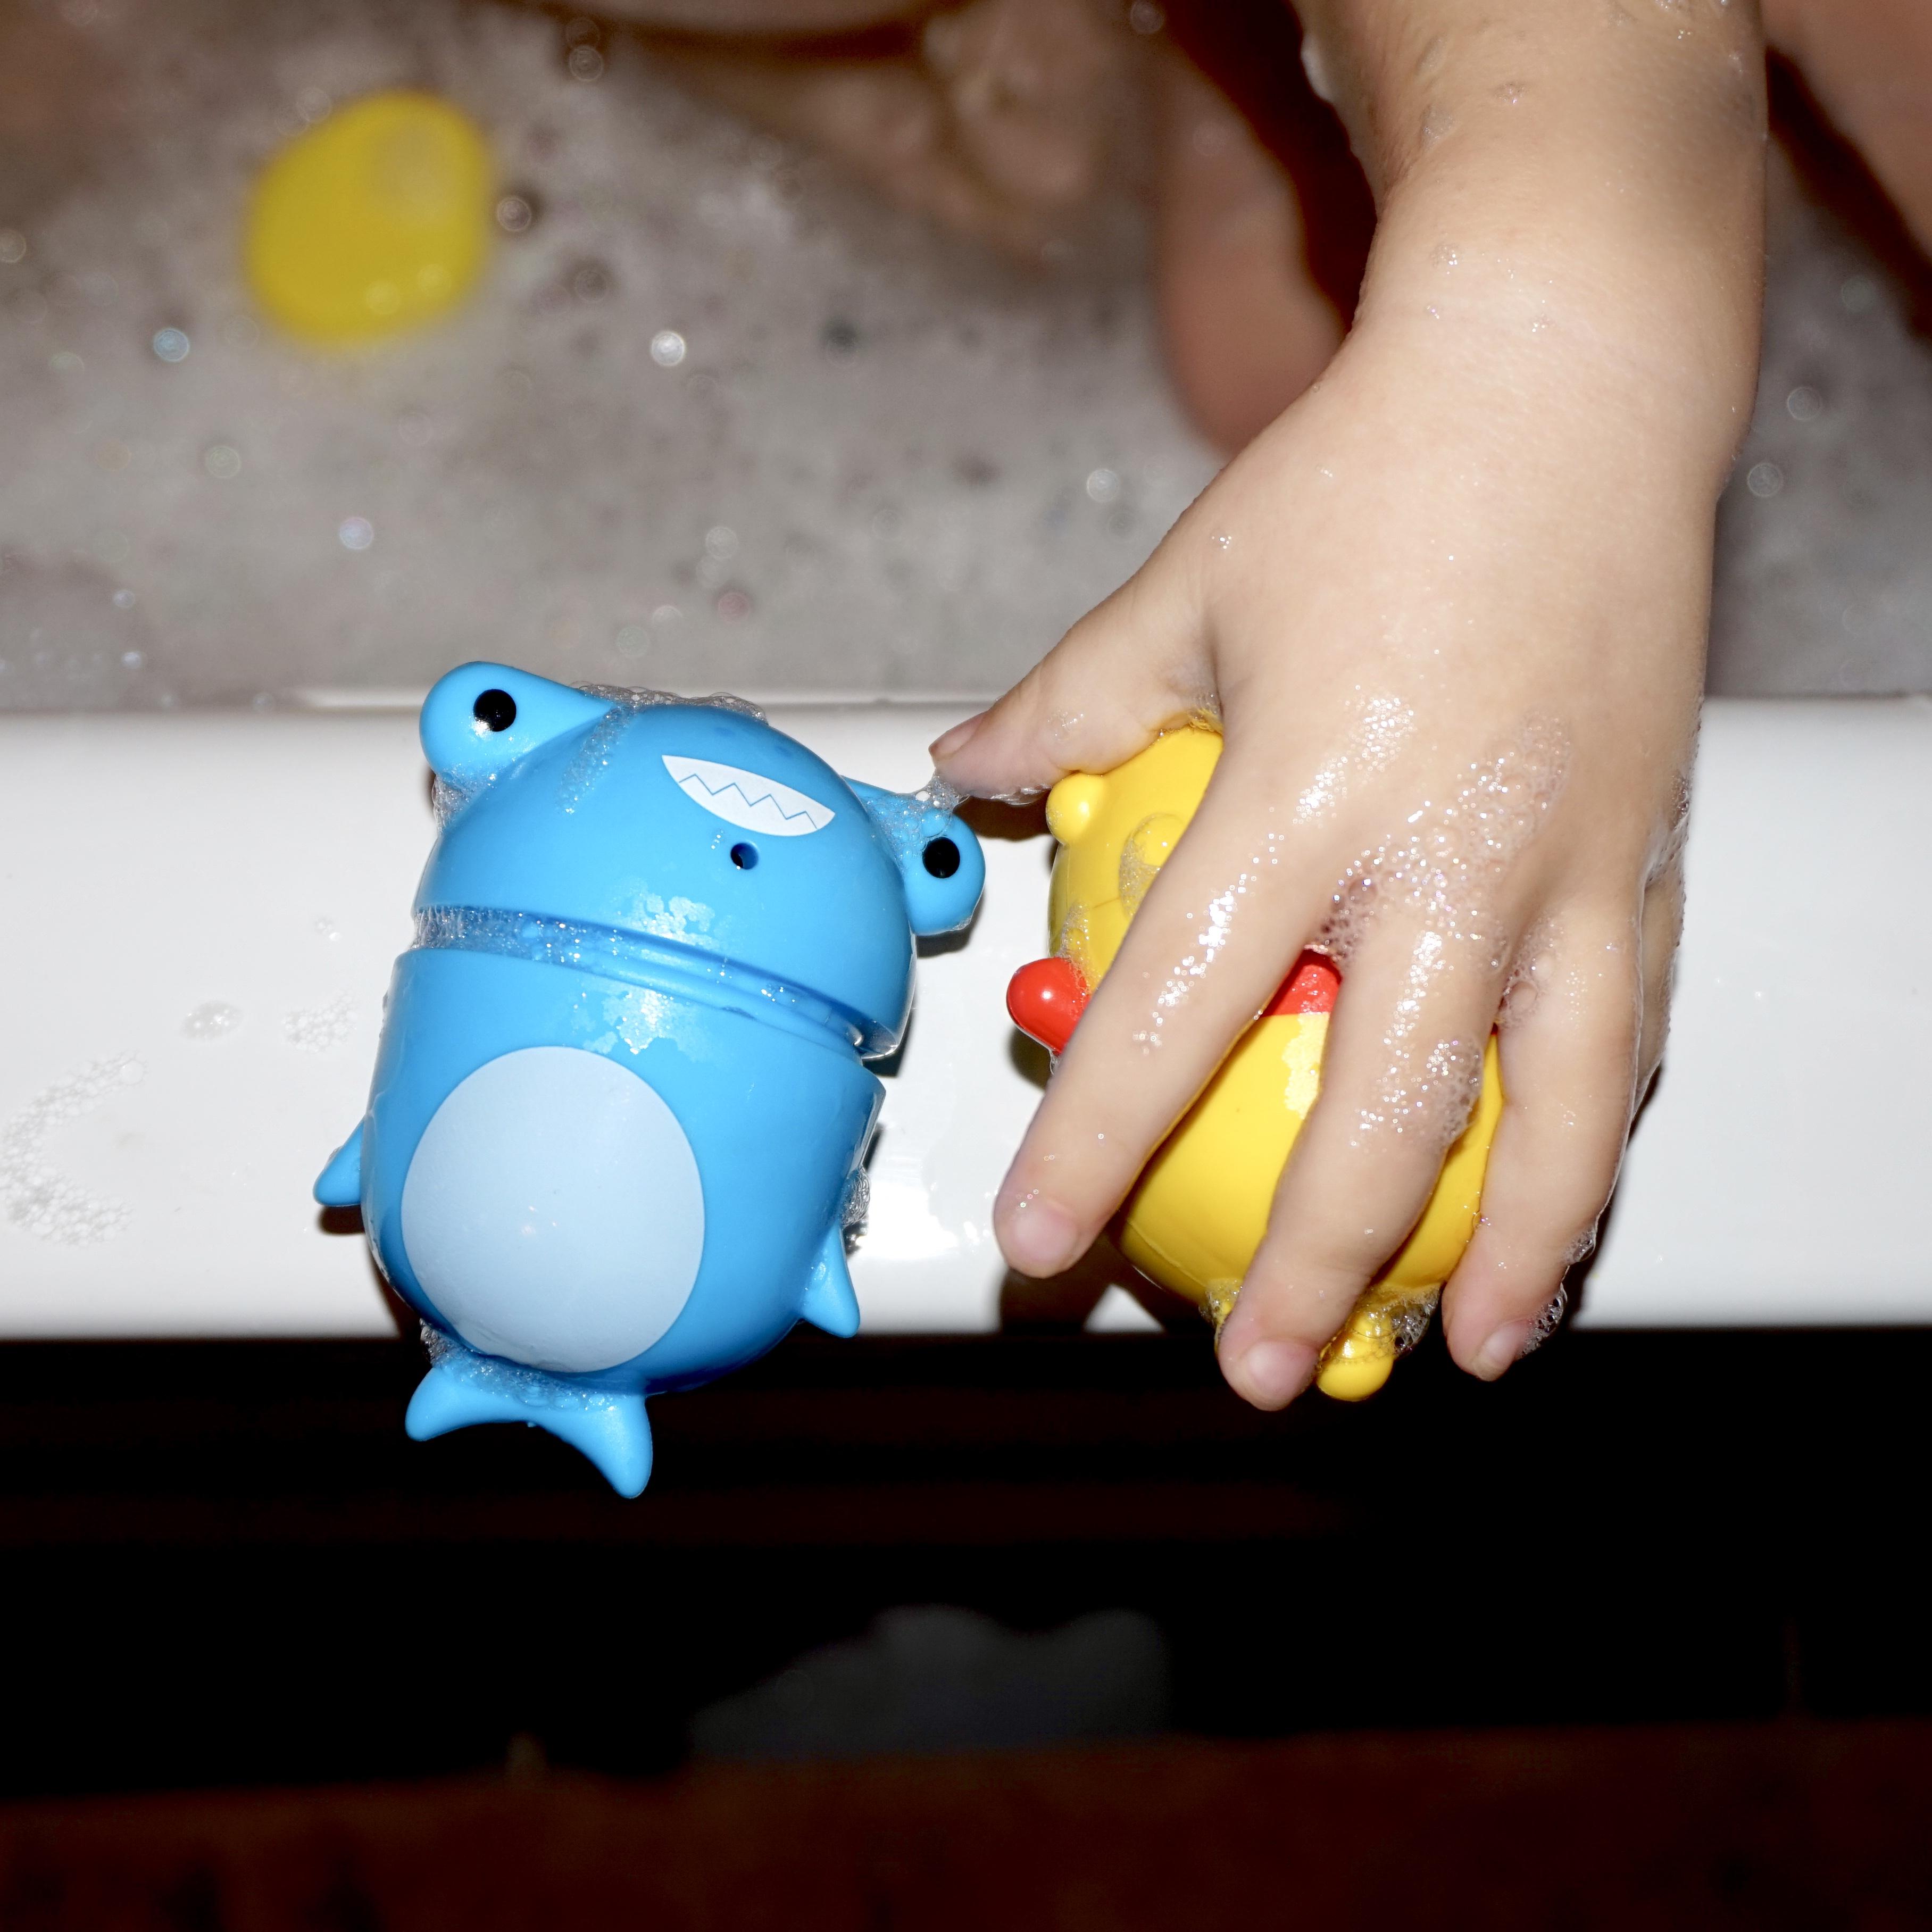 munchkin bath squirters